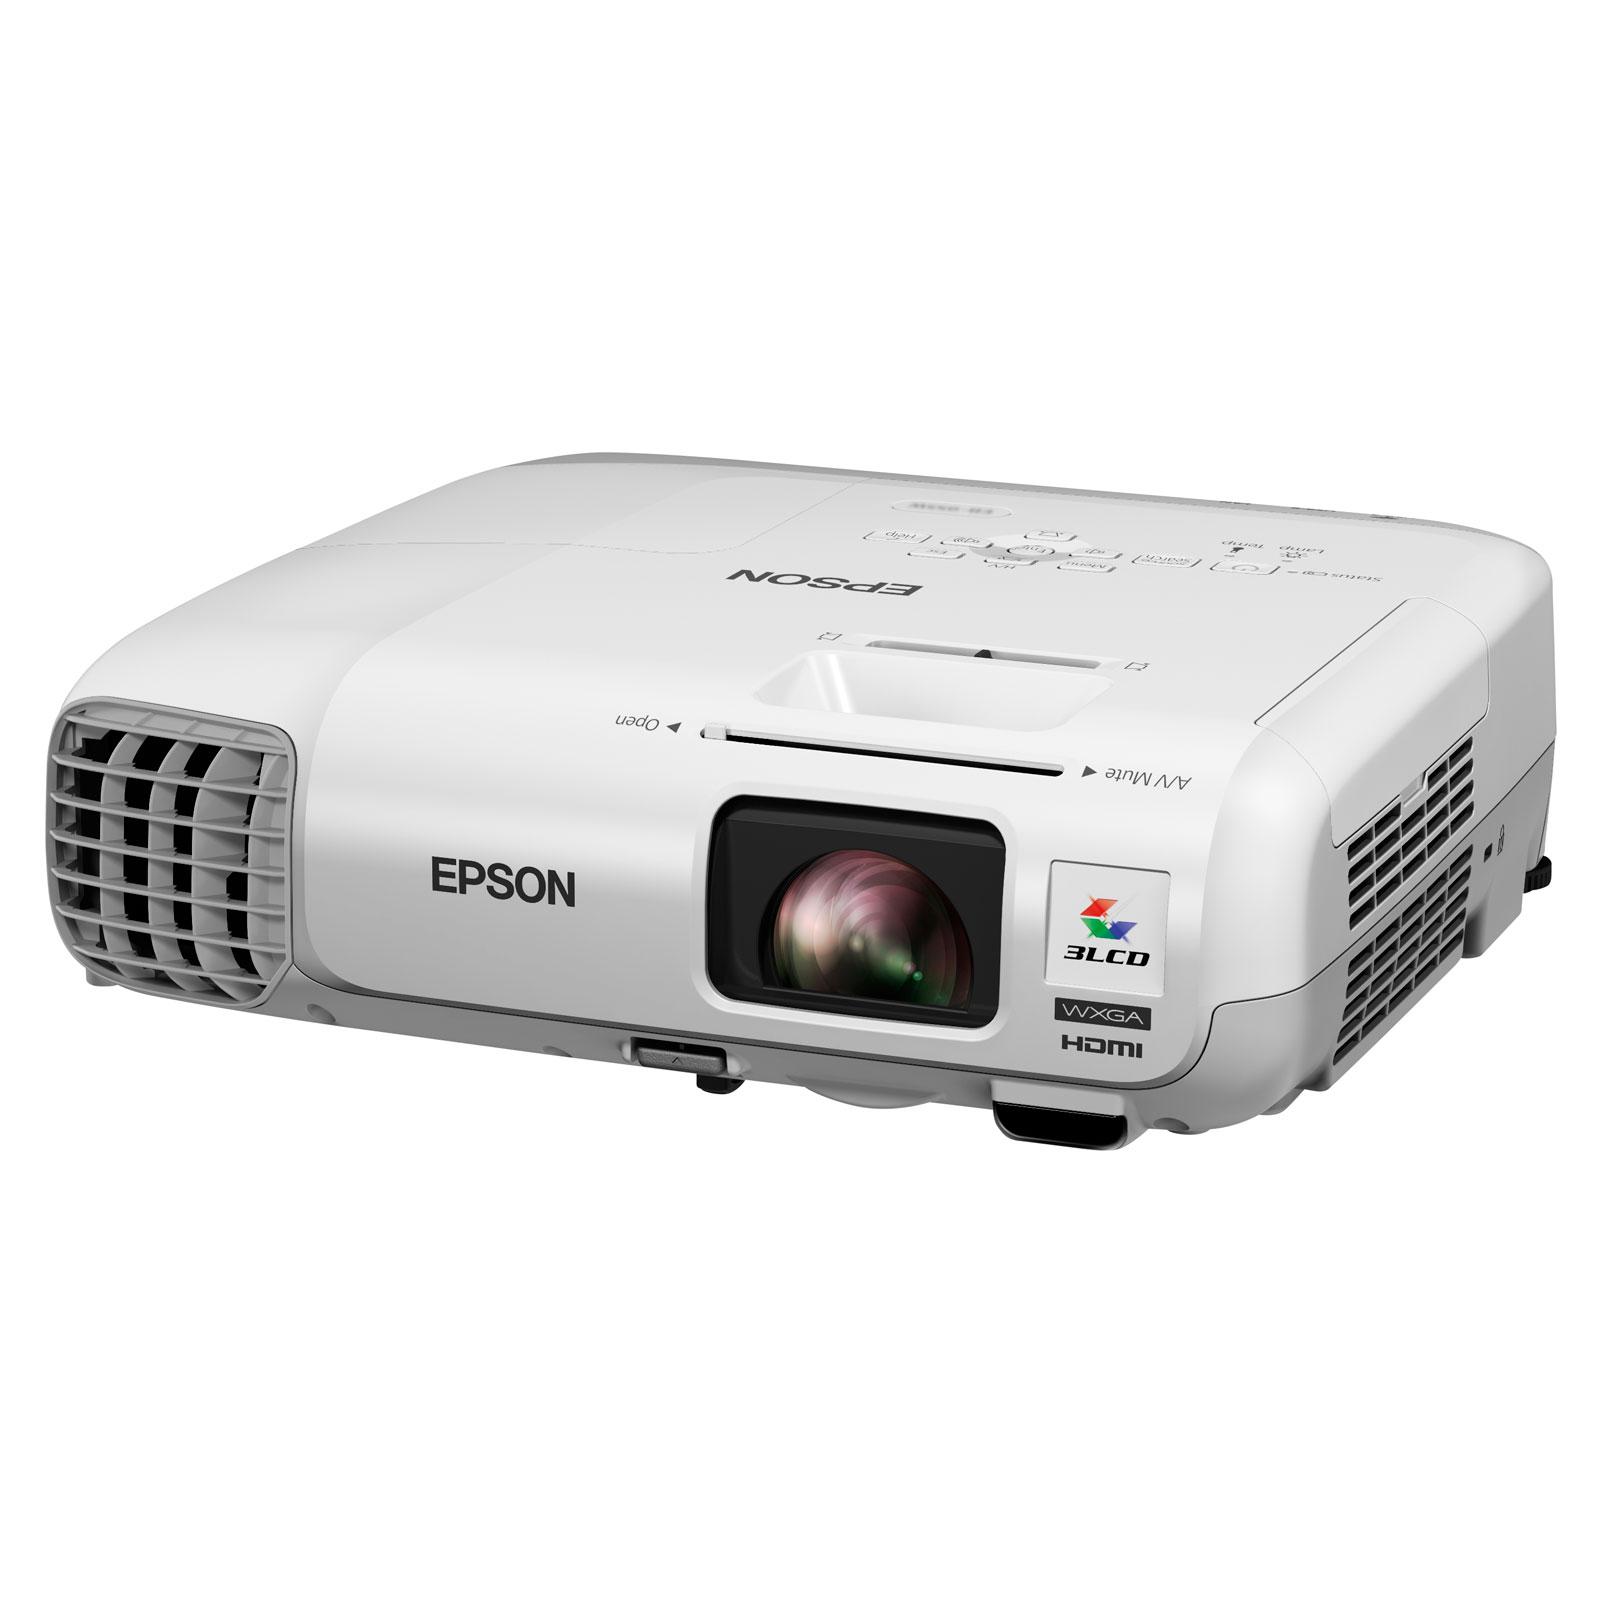 Epson eb 955w vid oprojecteur epson sur - Support plafond videoprojecteur epson ...